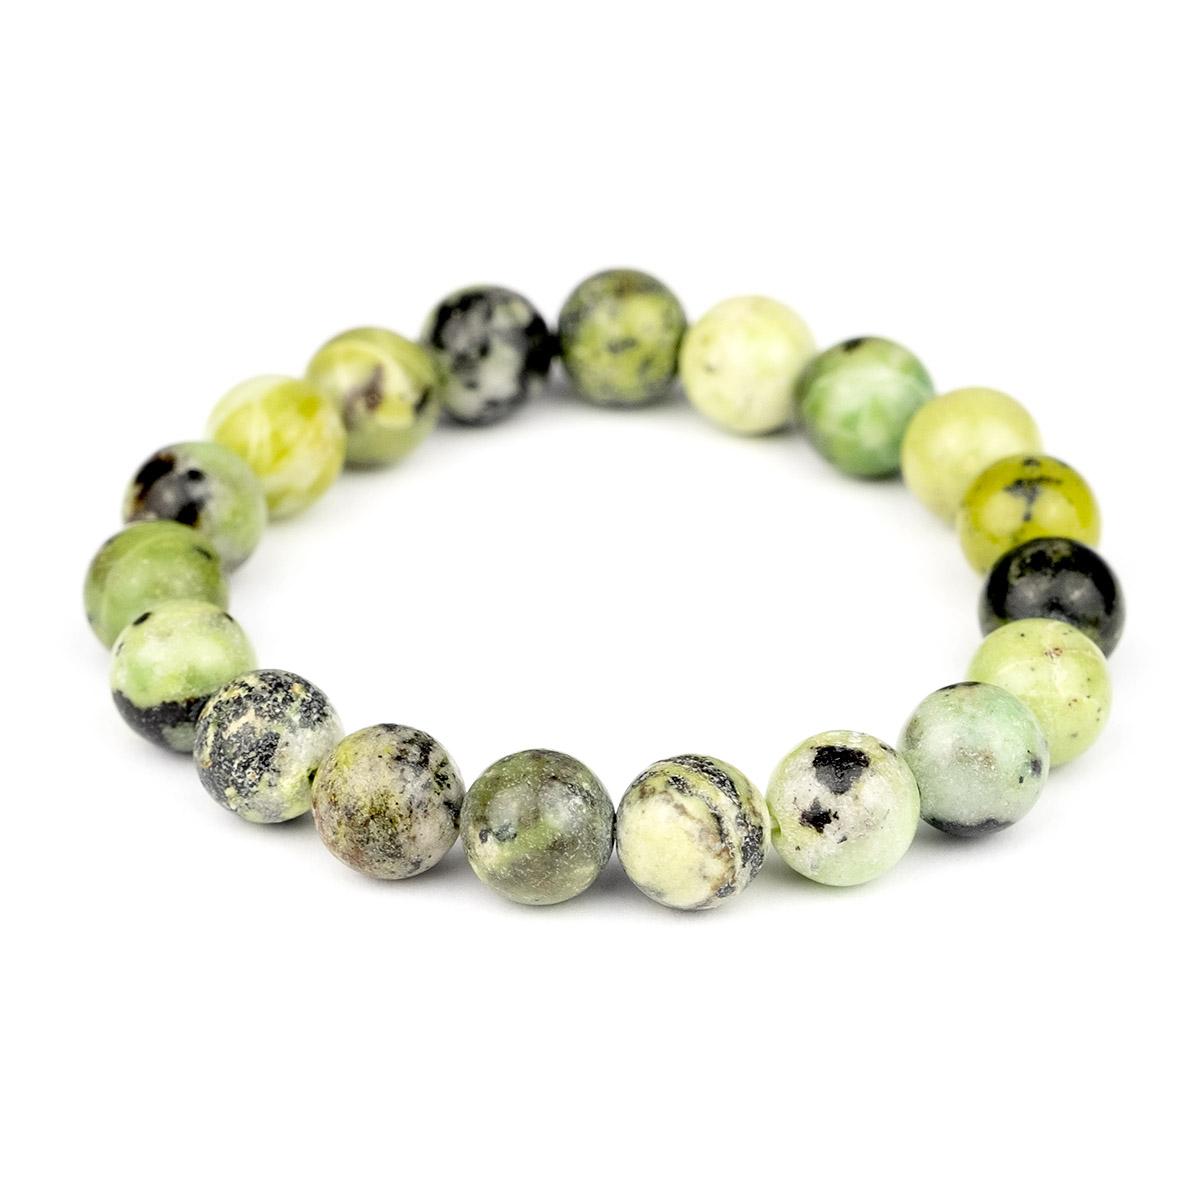 Bracelet extensible en perles de chrysoprase citron 10mm